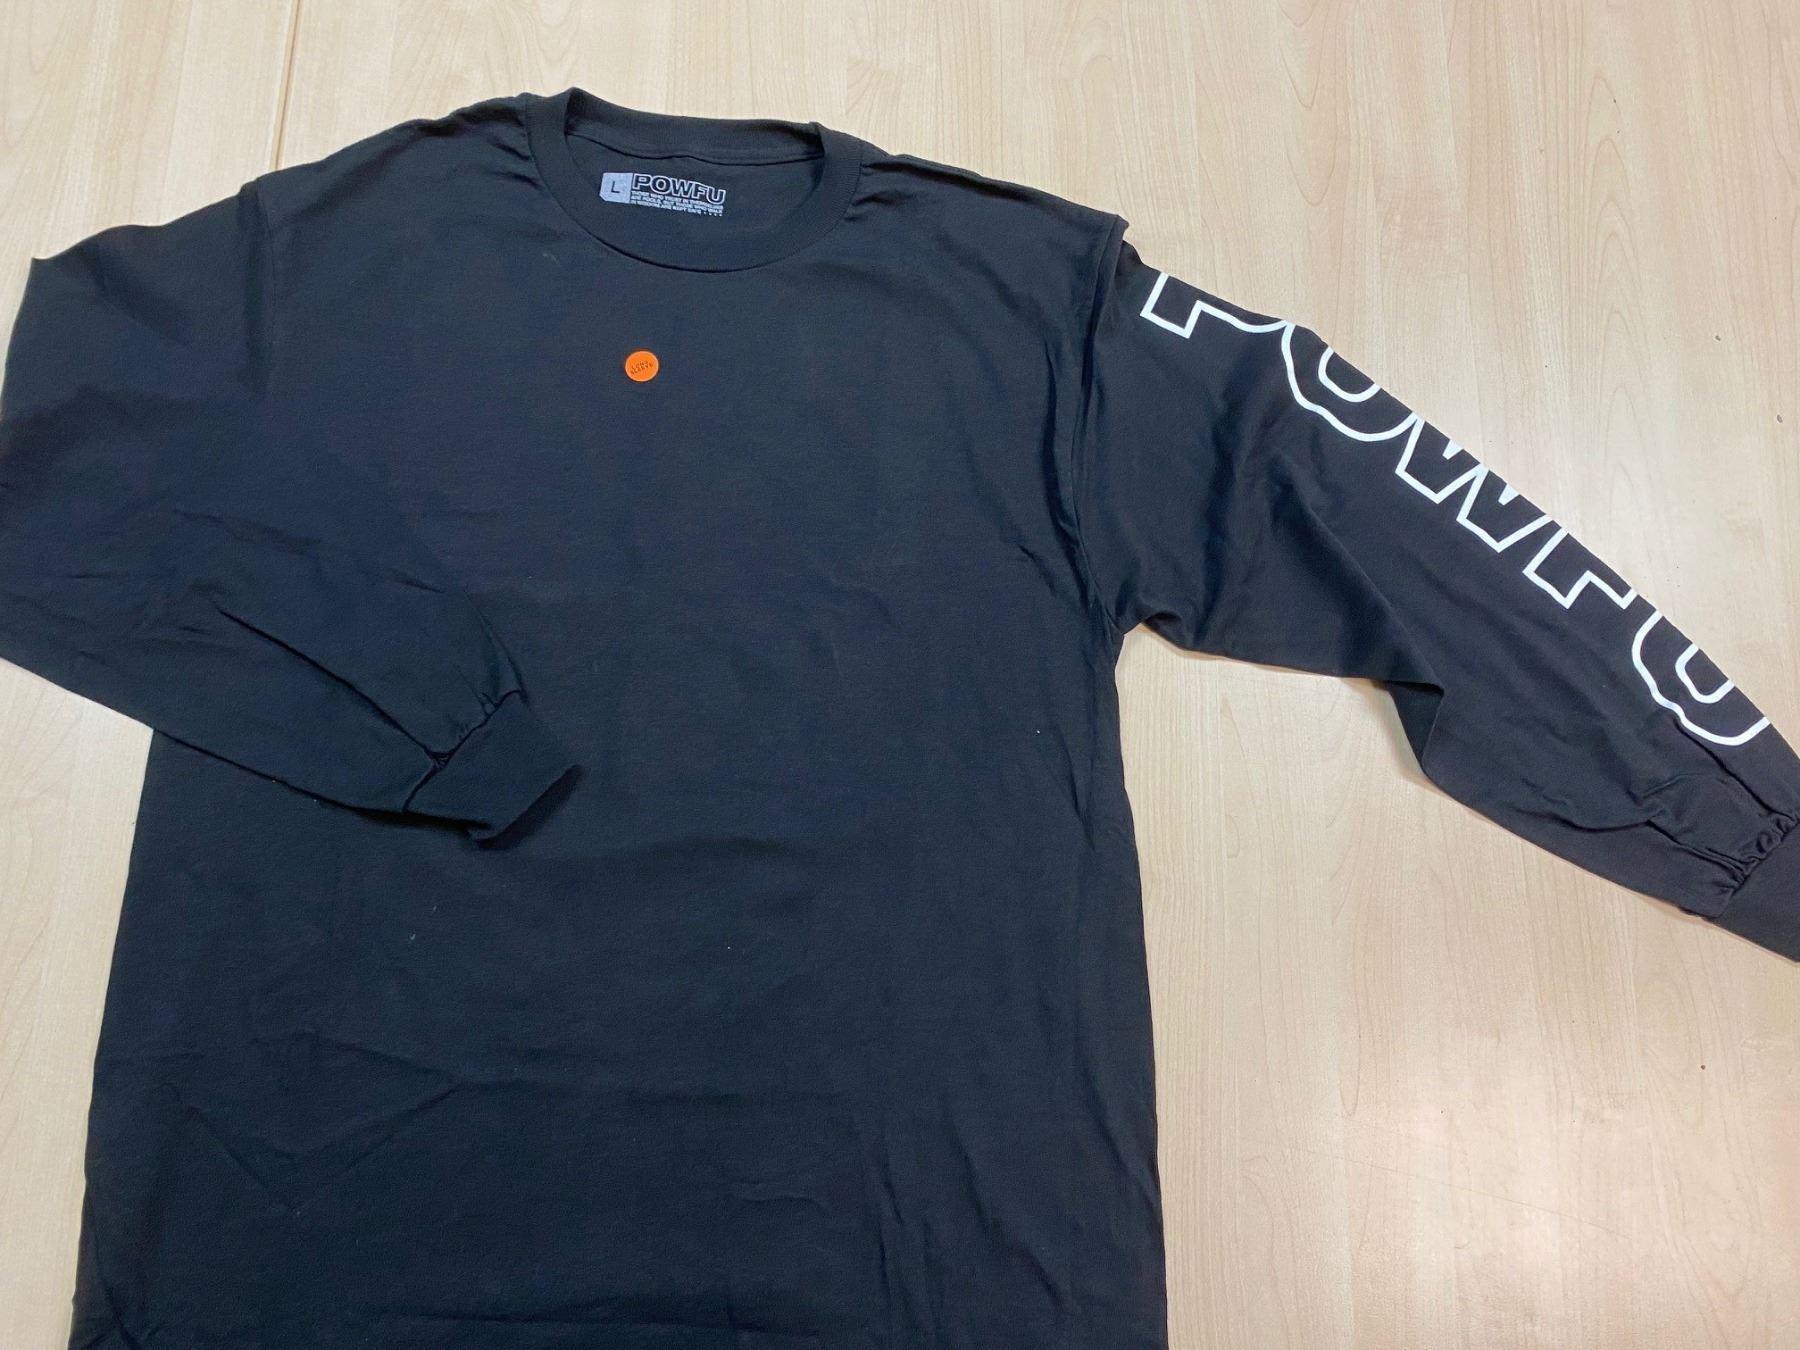 Official PowFu TShirt - Long Sleeve